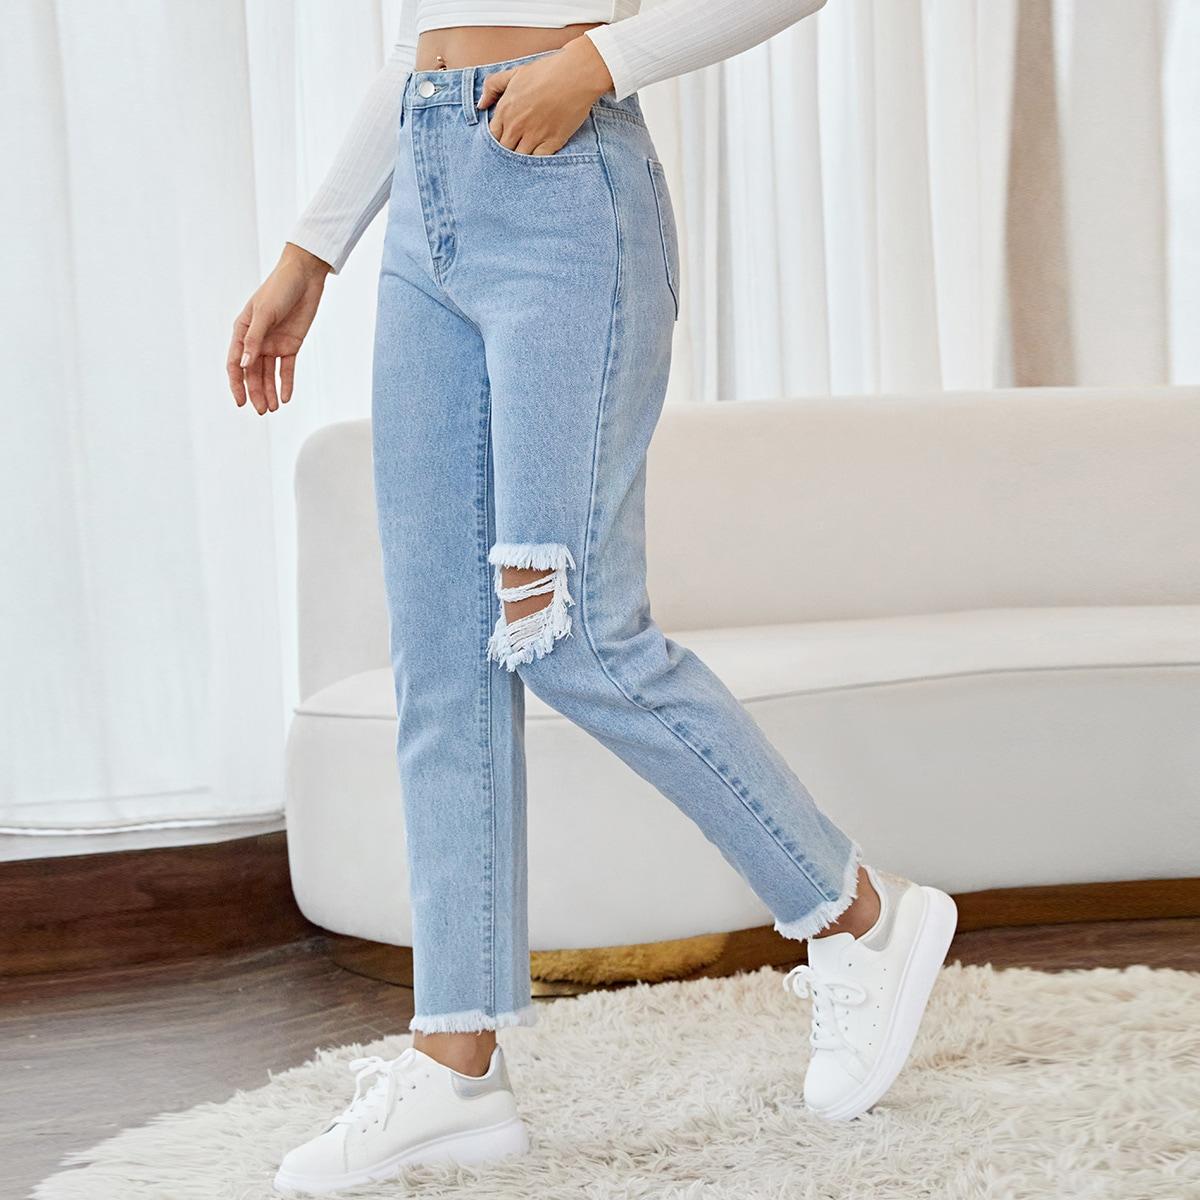 Рваные короткие джинсы